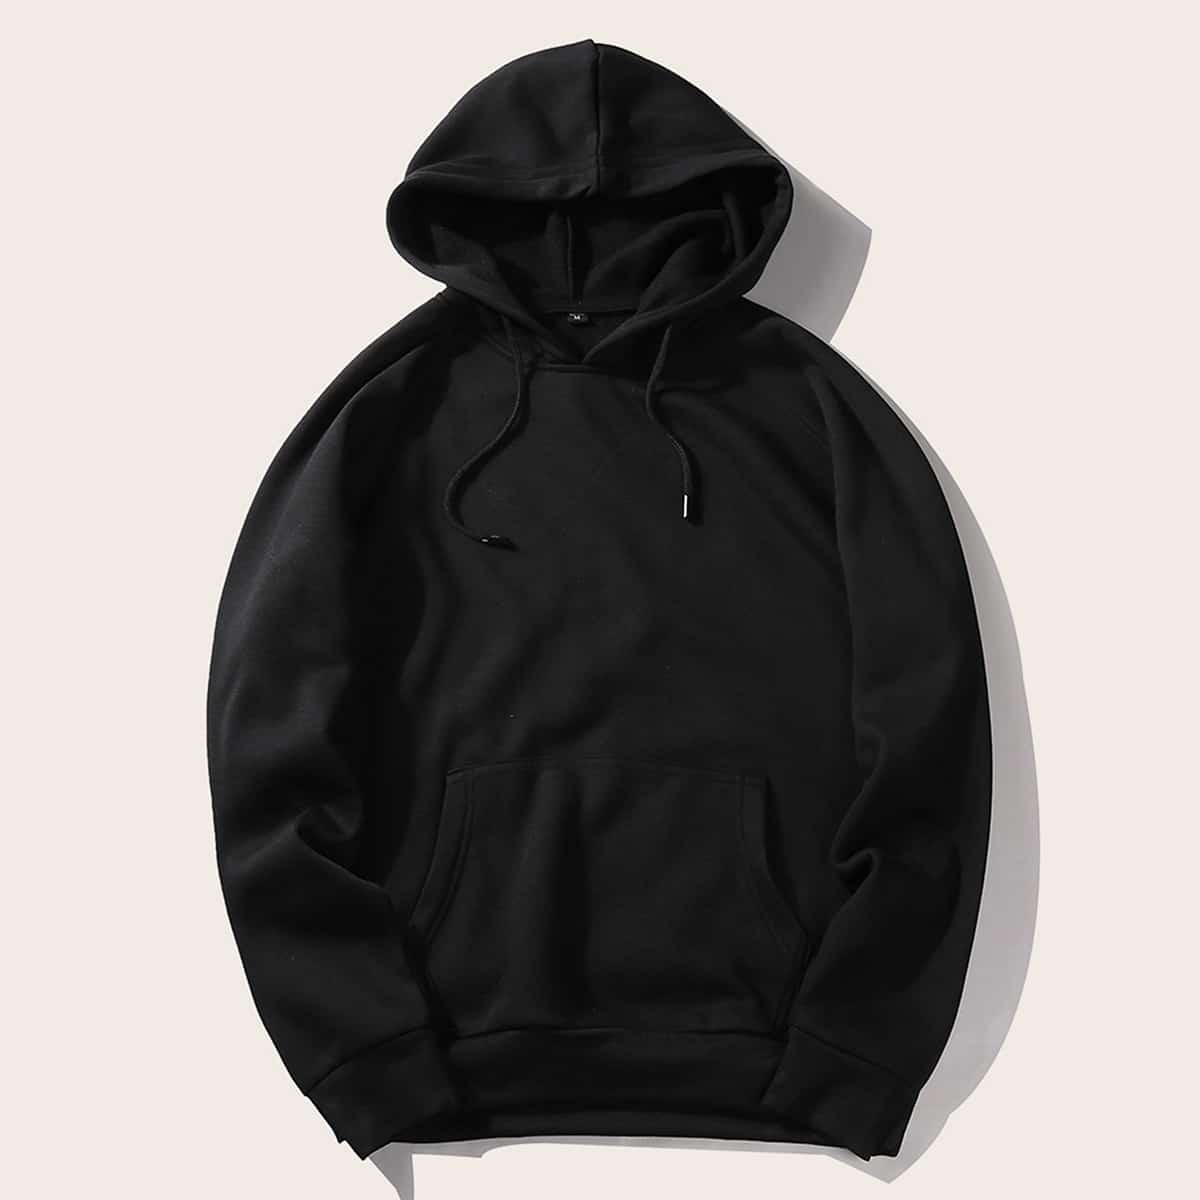 Zwart Casual Koord Vlak Sweatshirts voor heren